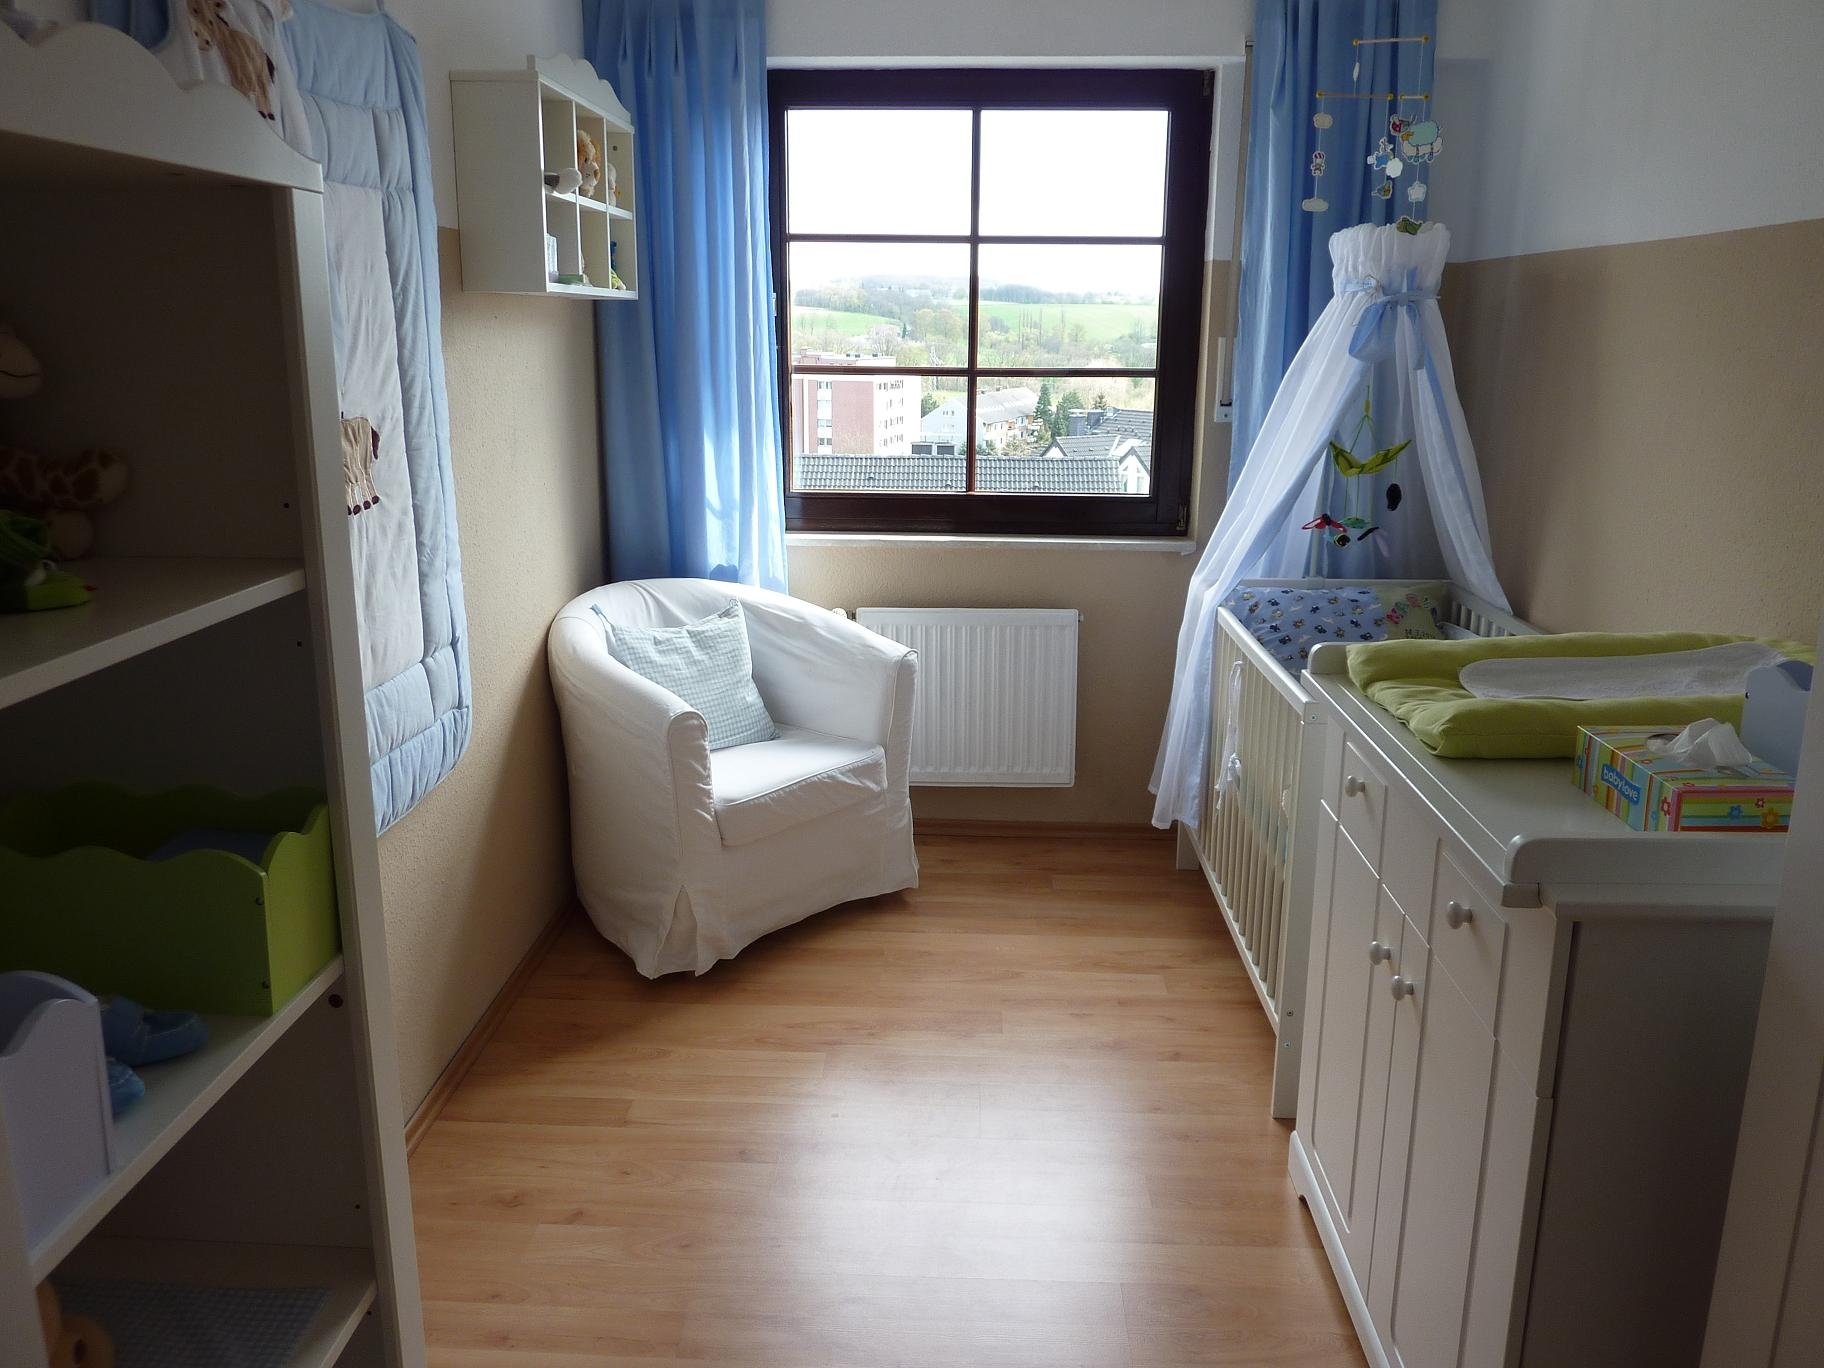 Kinderzimmer \'Babyzimmer von Nummer 2\' - Unser lang gesuchtes ...